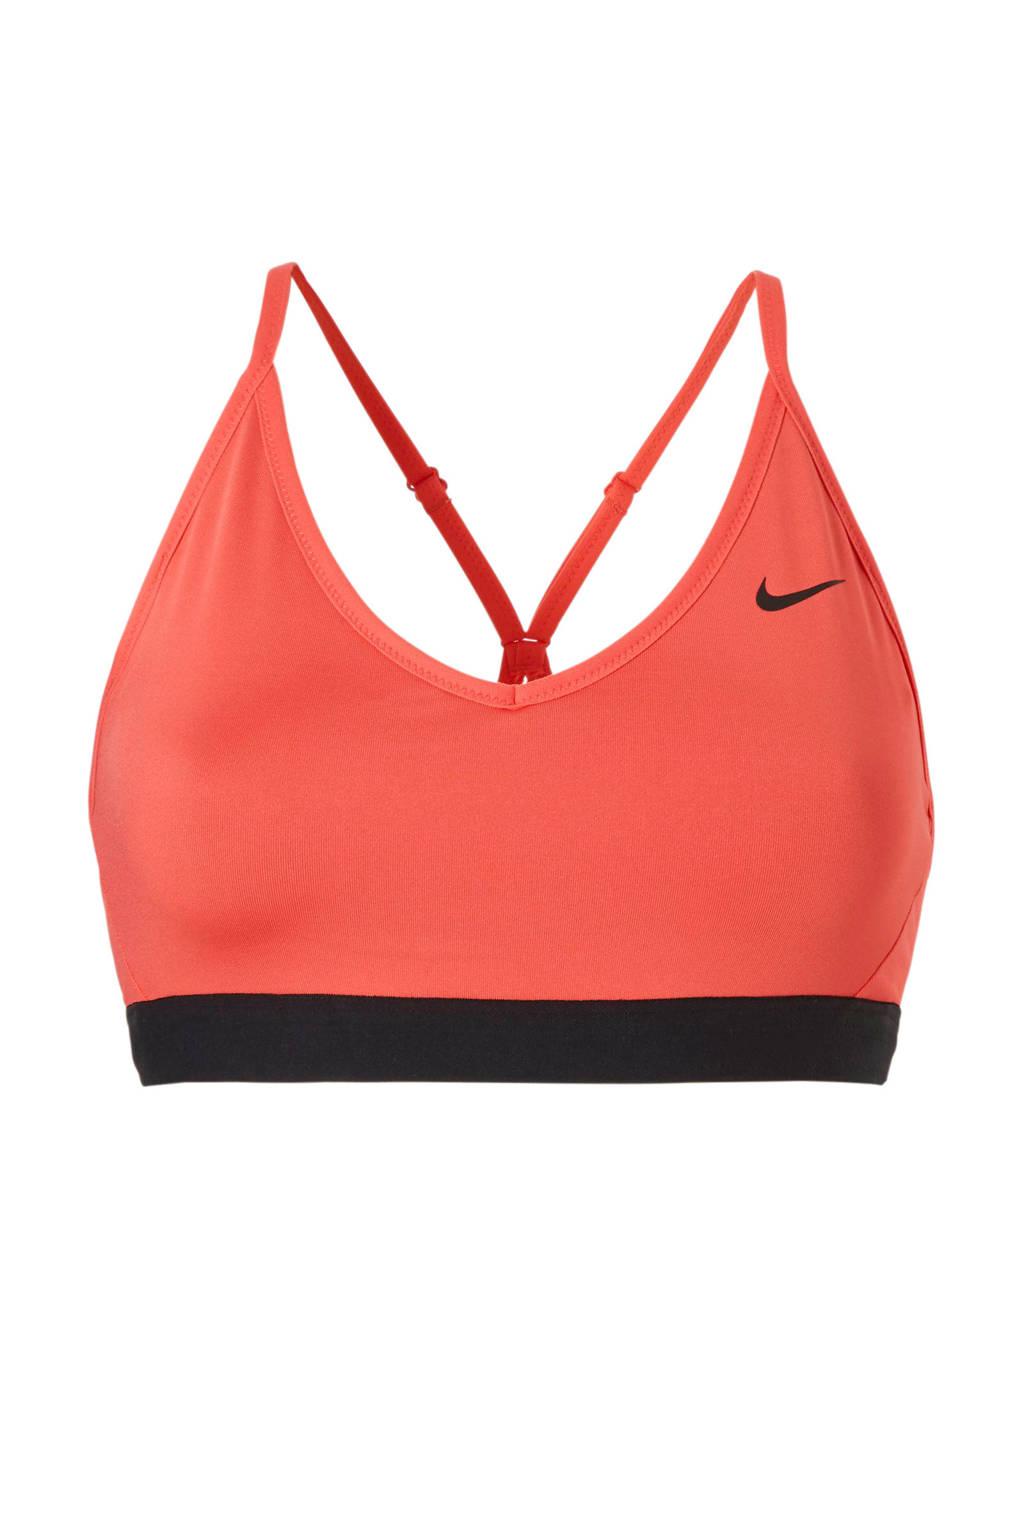 Nike Indy Bra sportbh roze/zwart, Roze/zwart